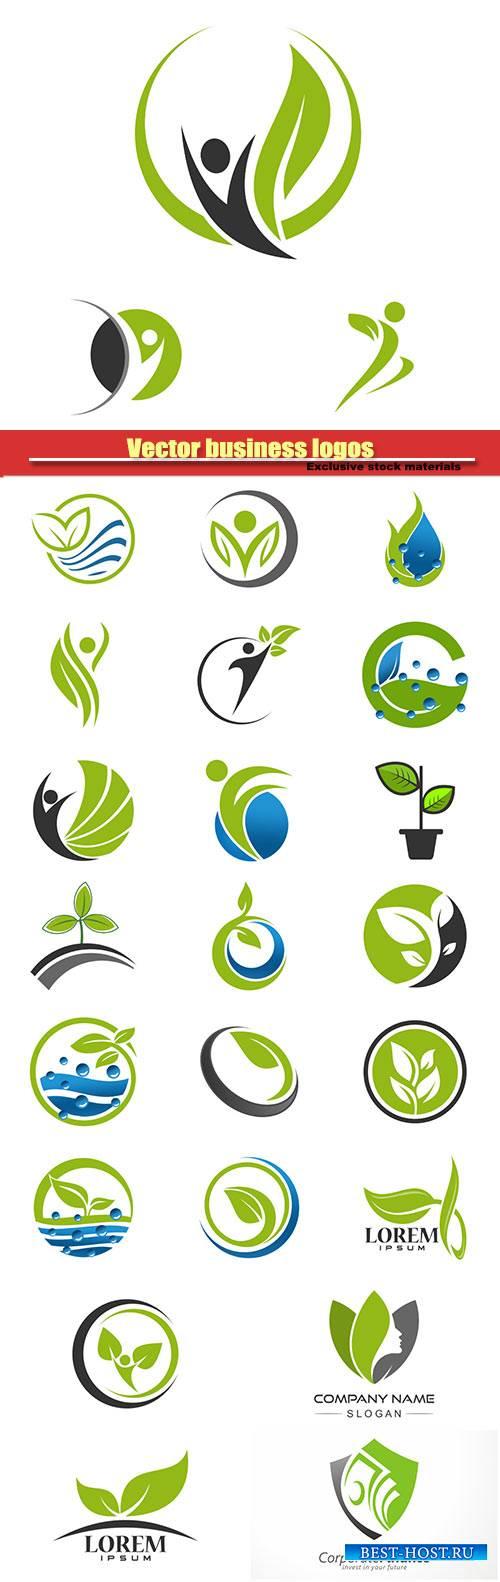 Vector business logos